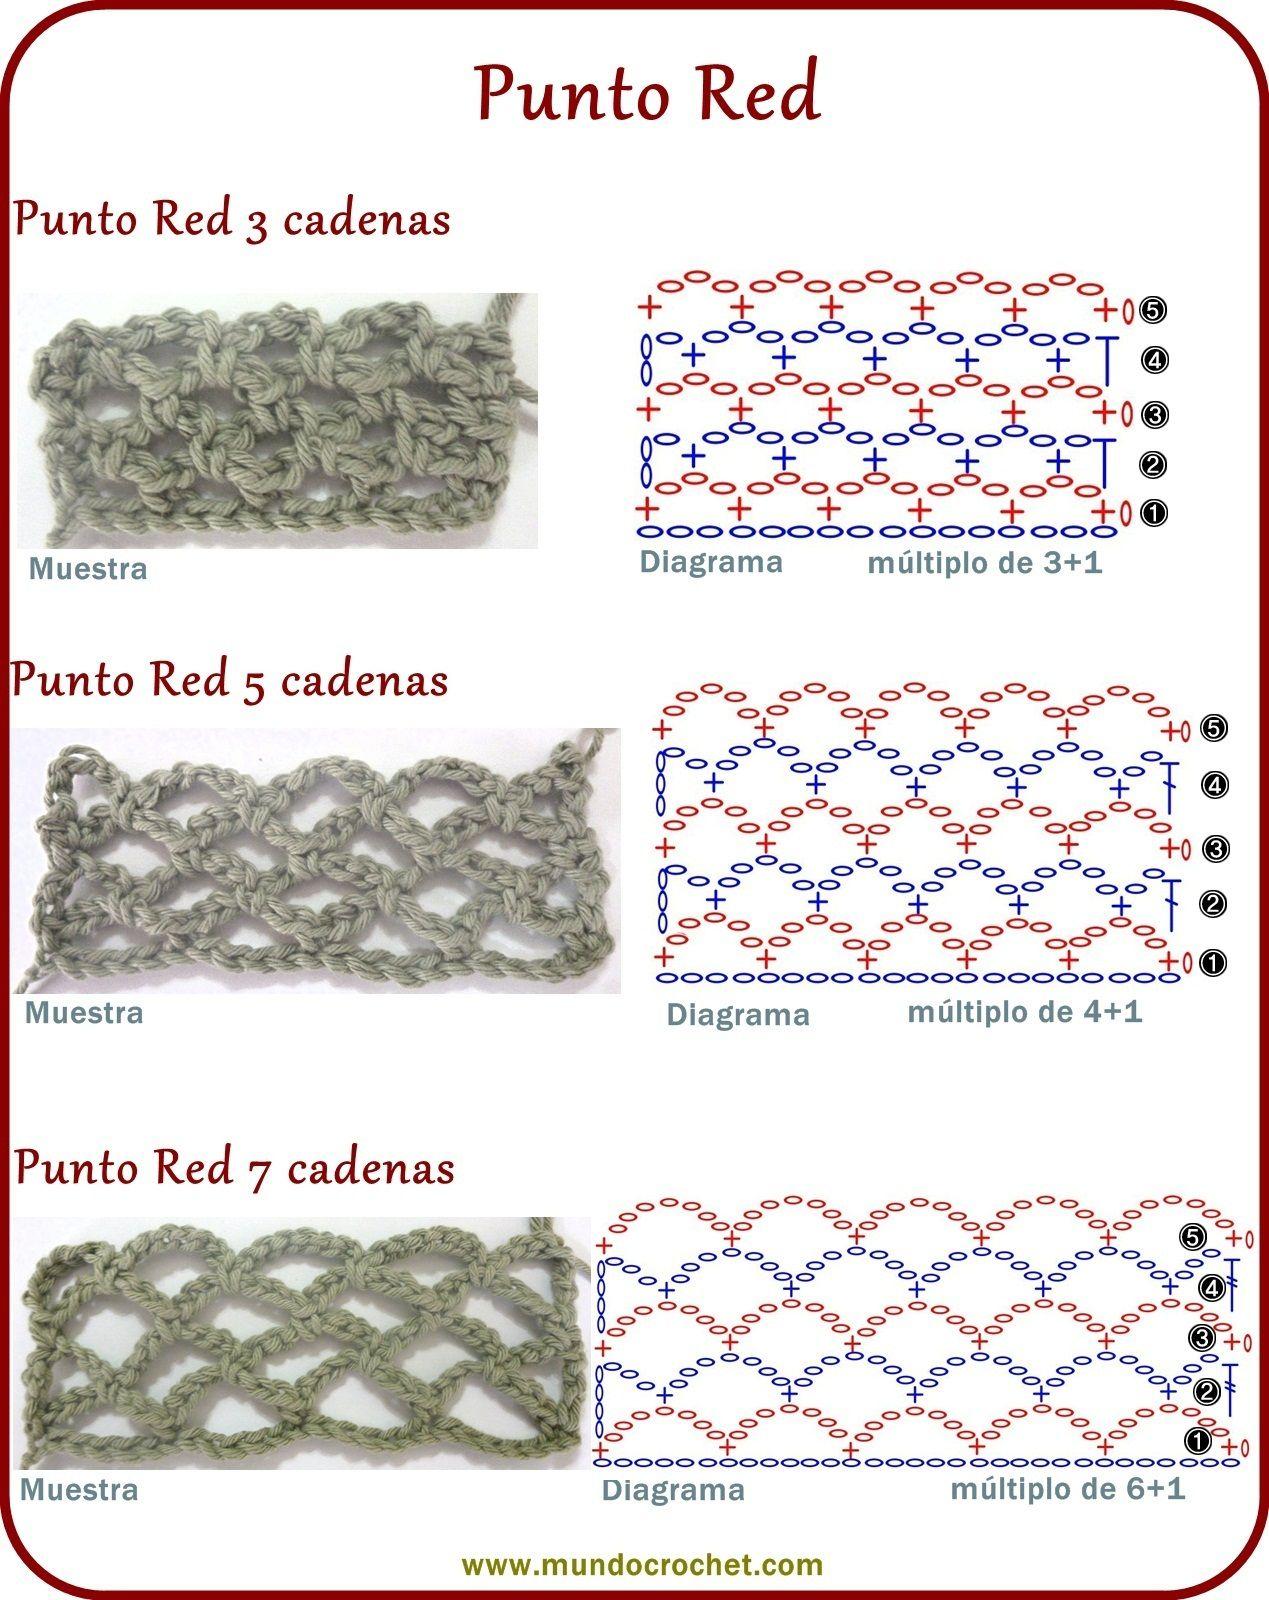 Pin de Alicia Cristina en Puntos crochet | Pinterest | Redecilla ...